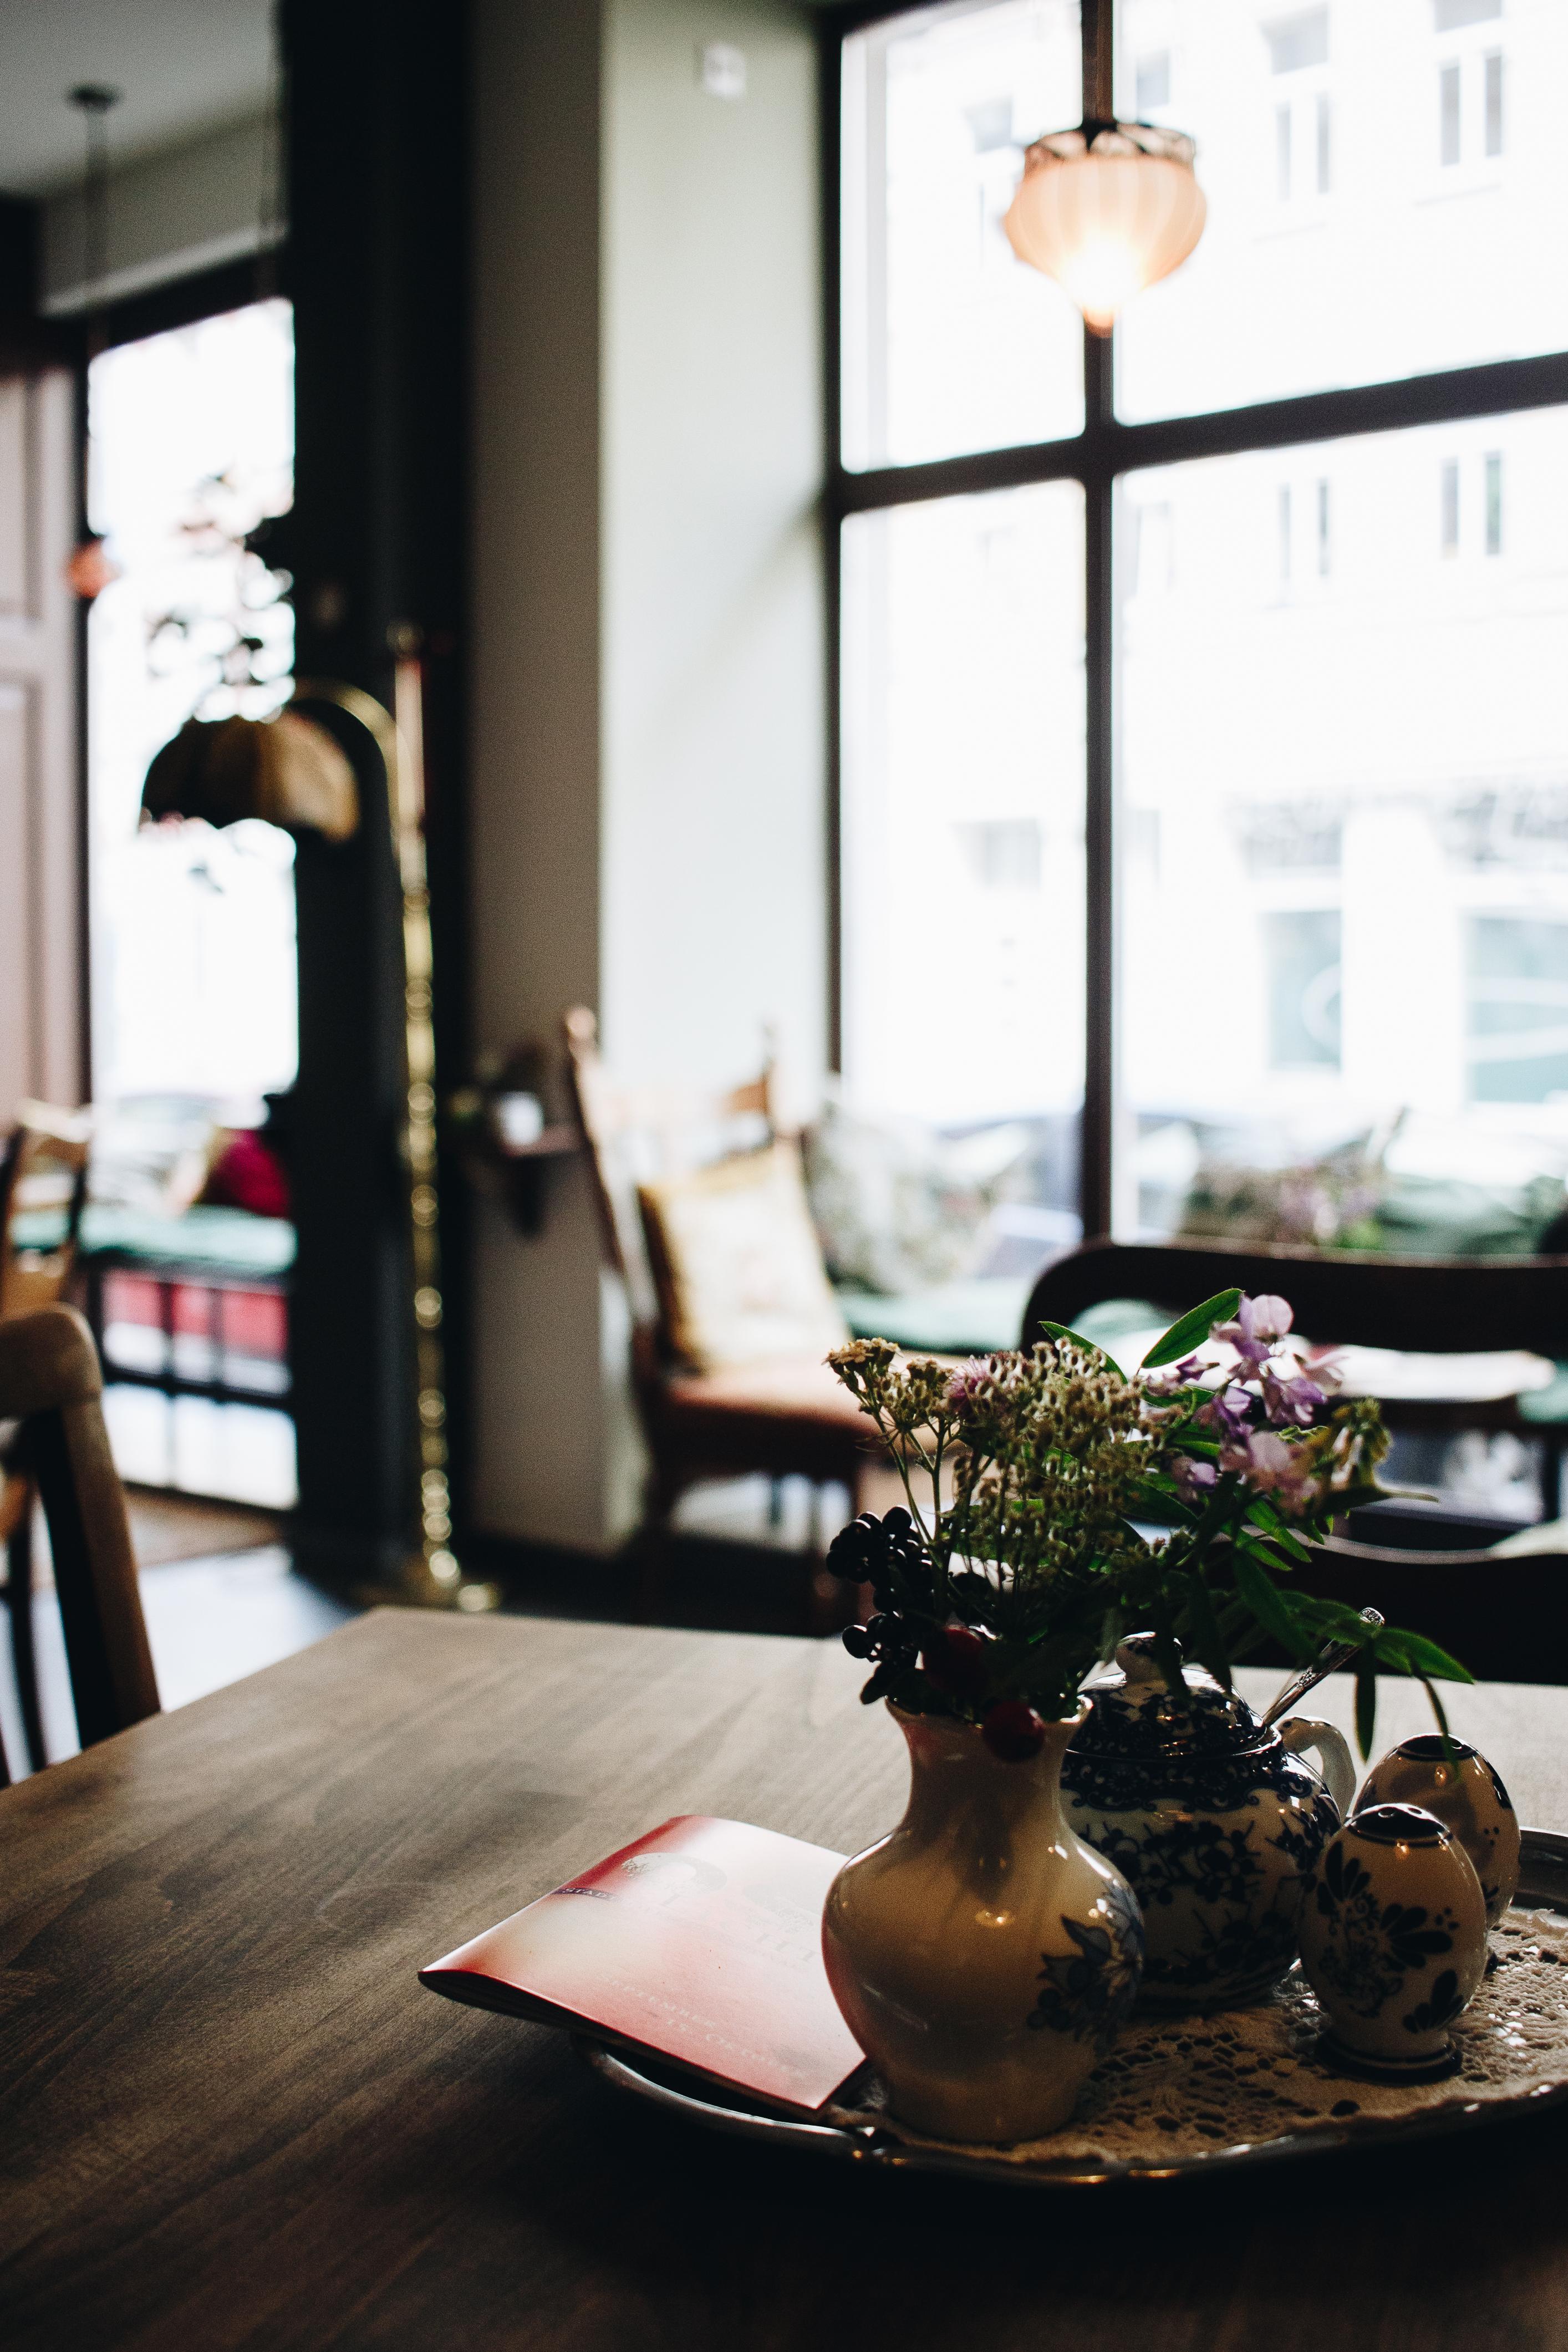 café bubu-reudnitz-annabelle sagt-leipzig32